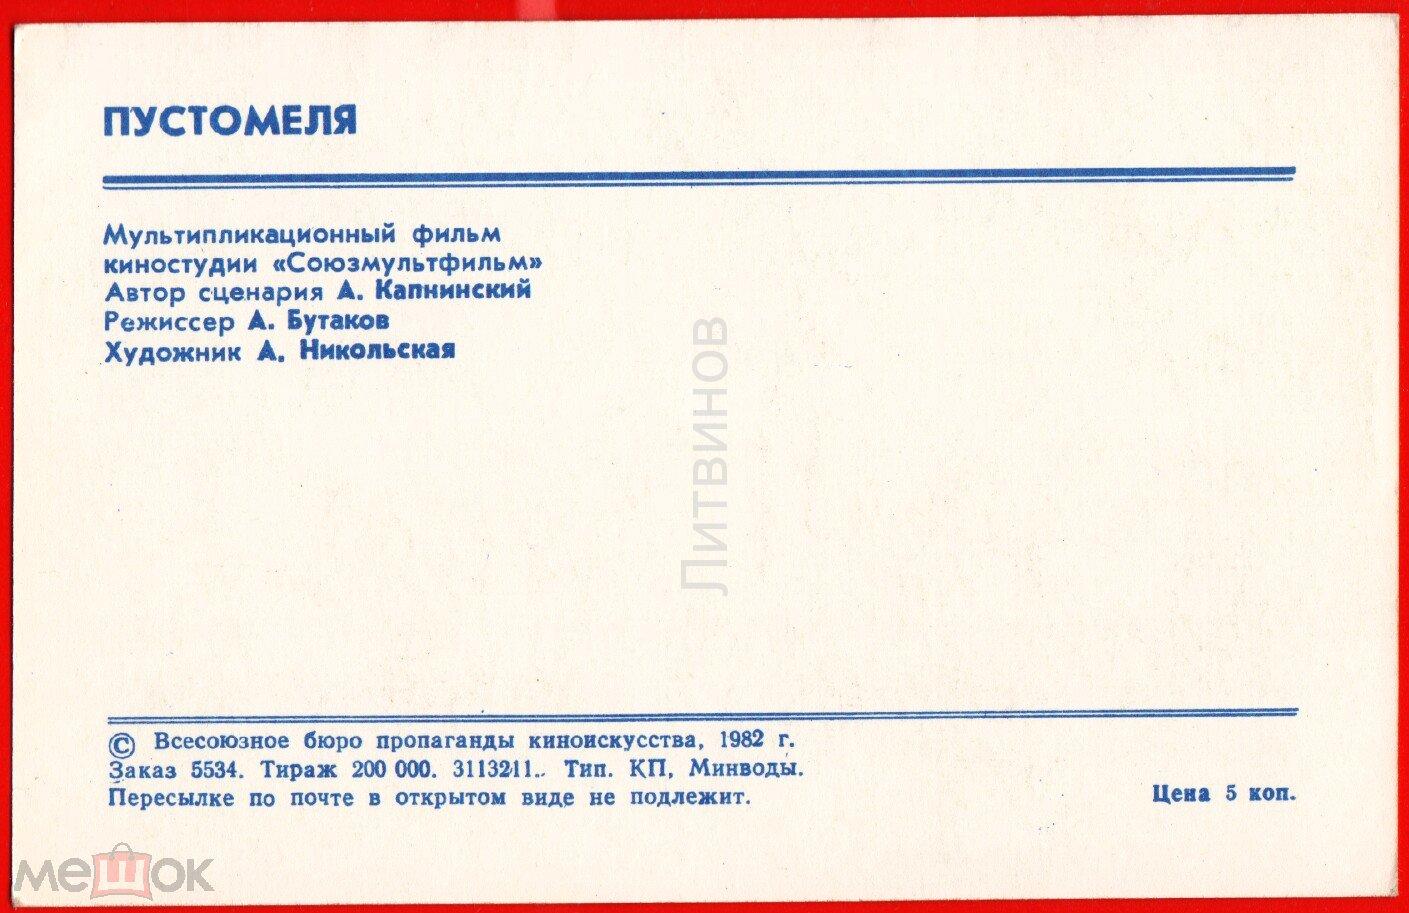 33637 пустомеля мультипликационный фильм мультфильм Союзмультфильм 1982 Никольская беличье колесо